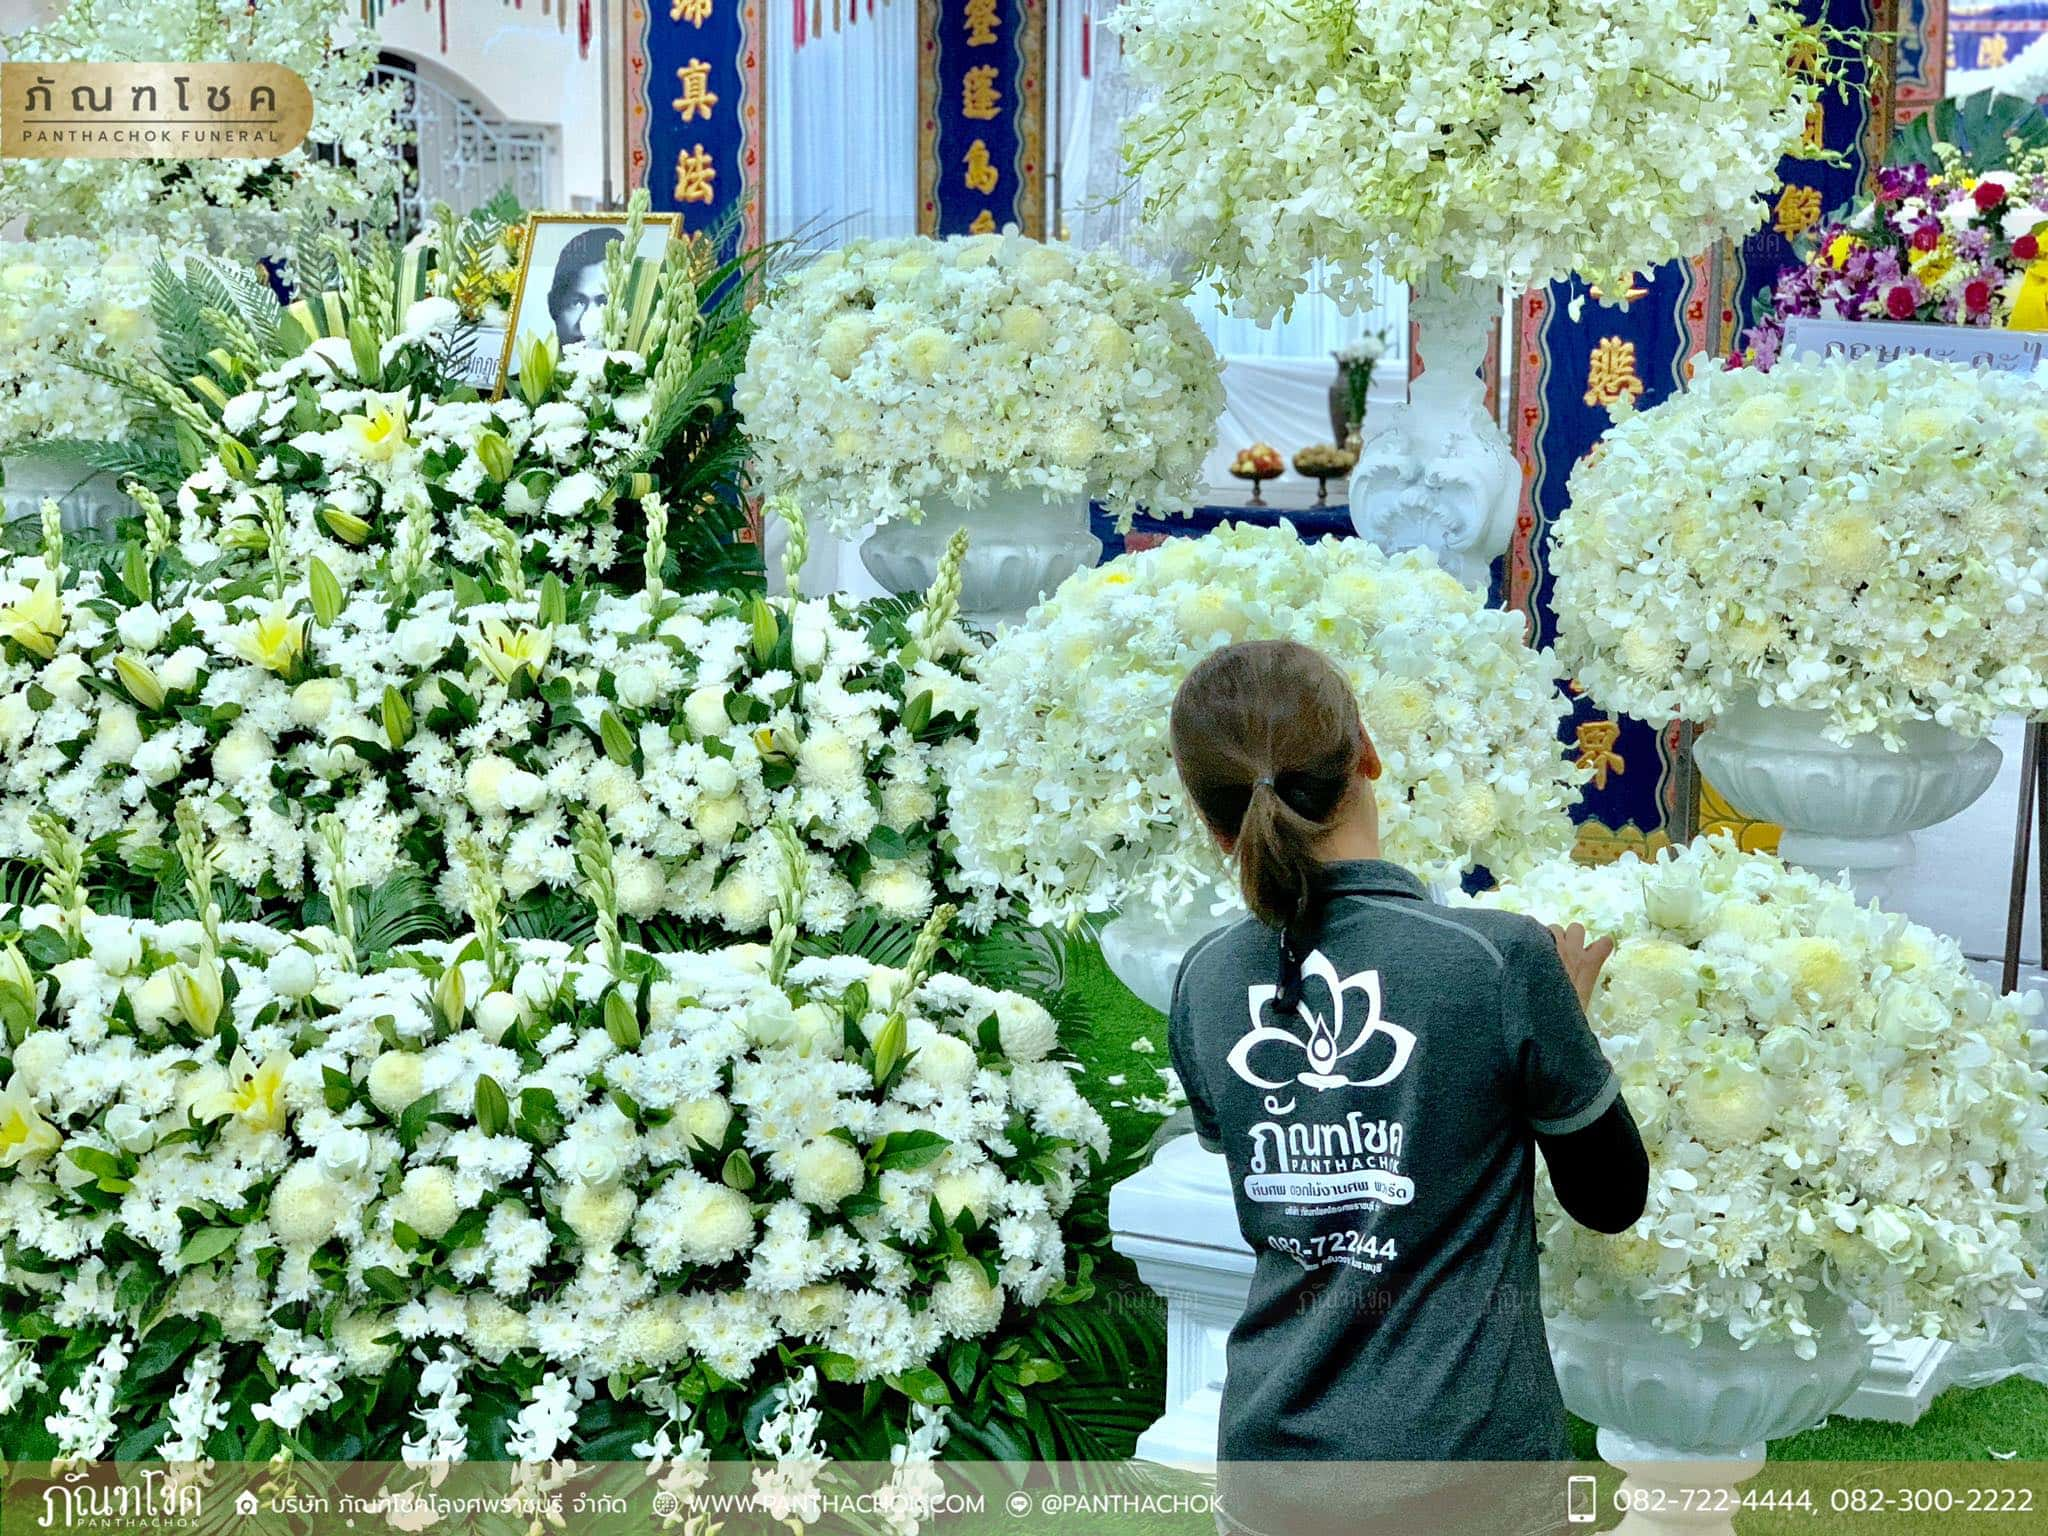 ผลงานจัดดอกไม้ ณ มูลนิธิแพร่ศีลธรรมการกุศลสงเคราะห์ 1